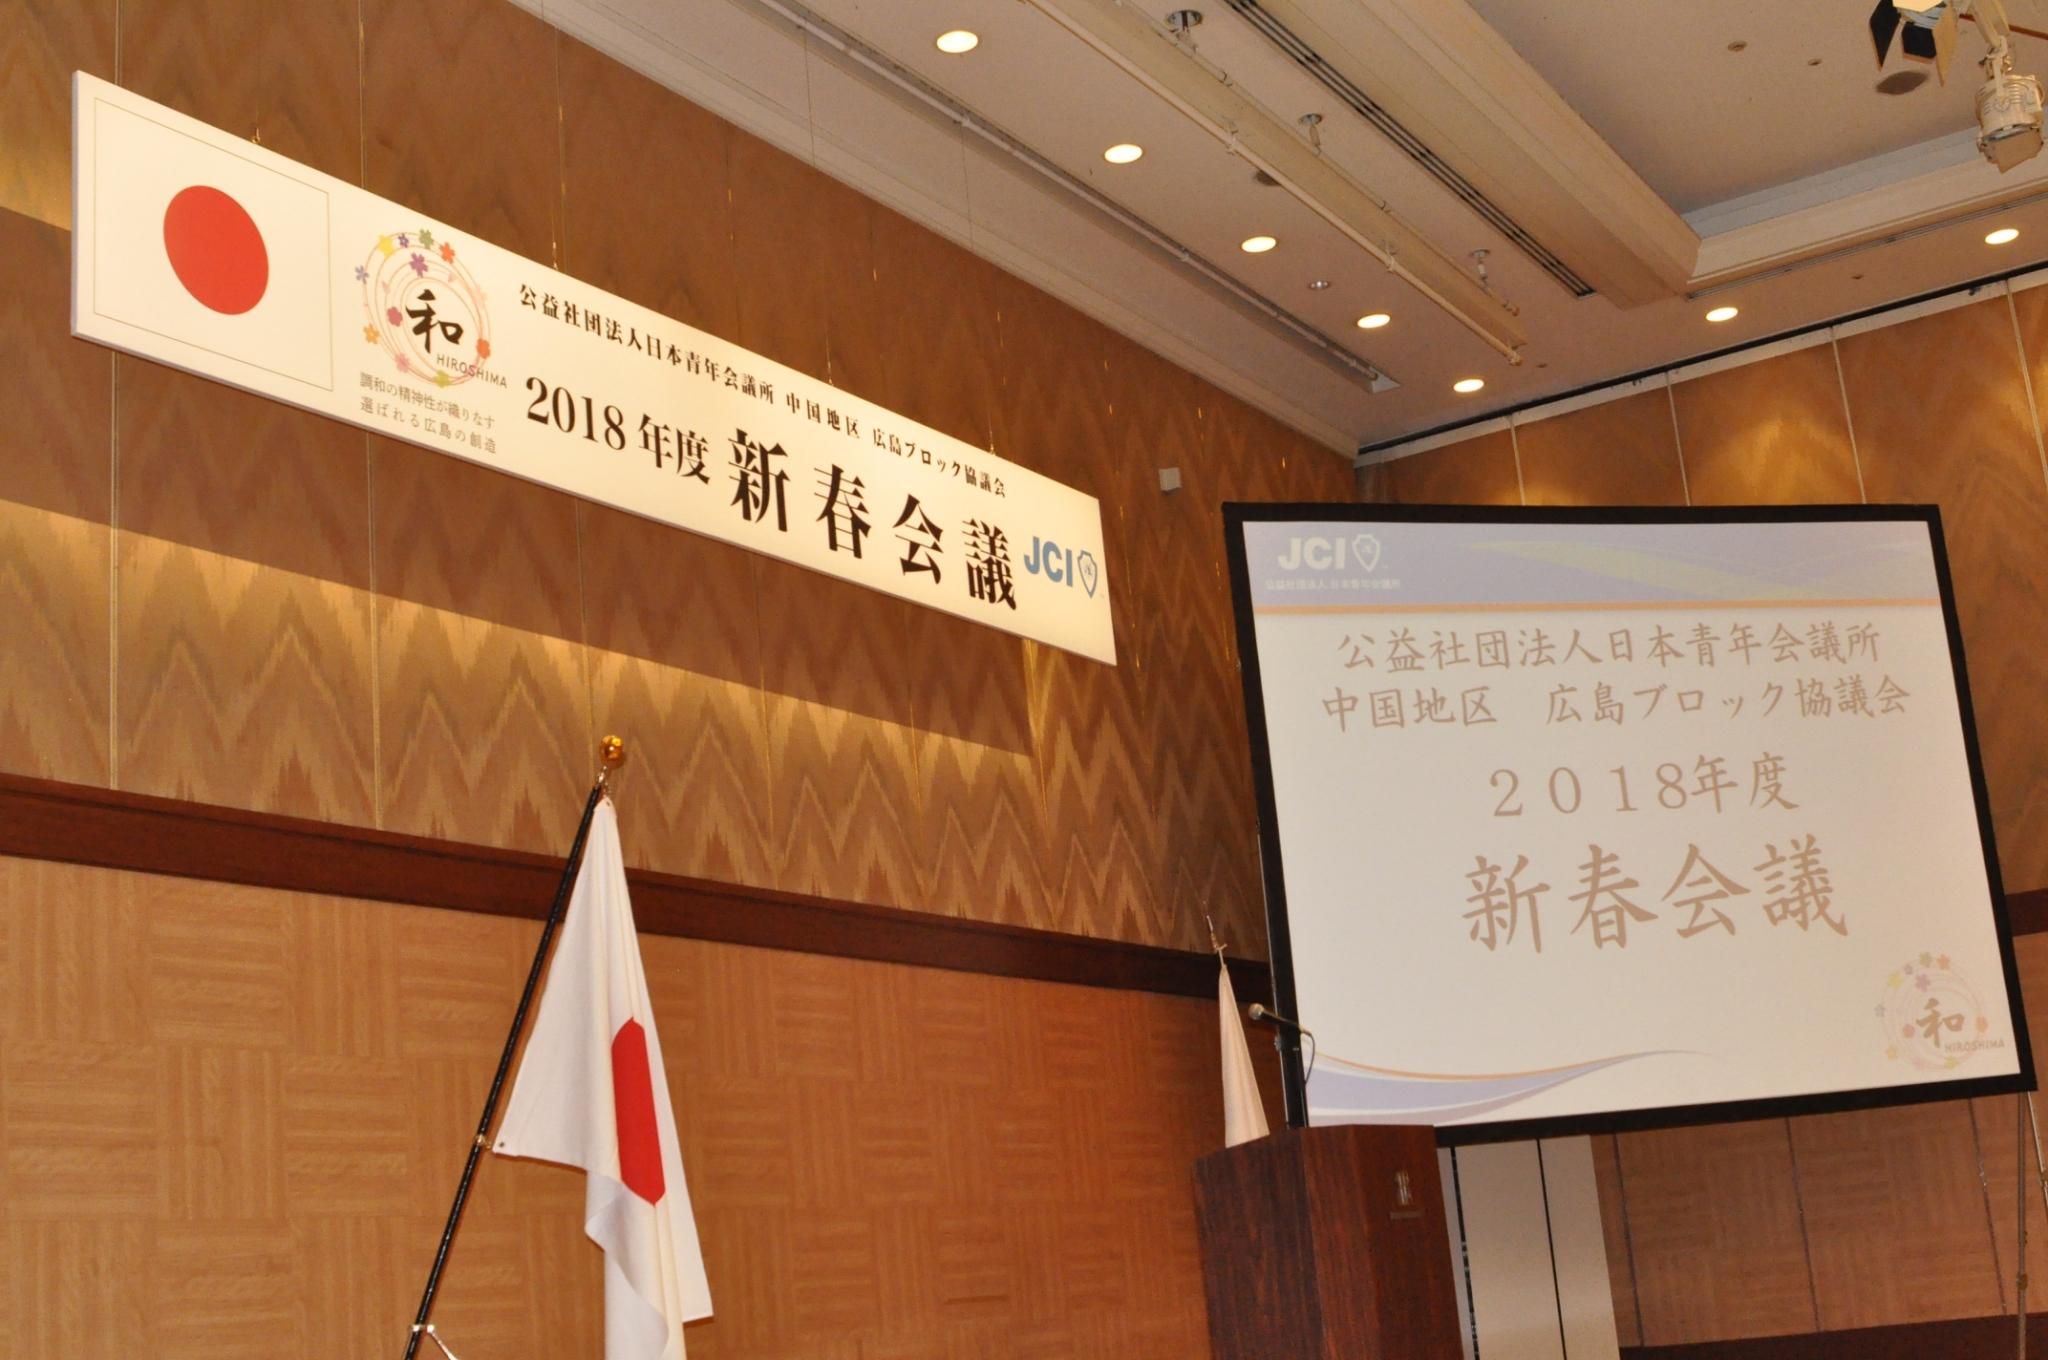 公益社団法人日本青年会議所中国地区広島ブロック協議会度新春会議